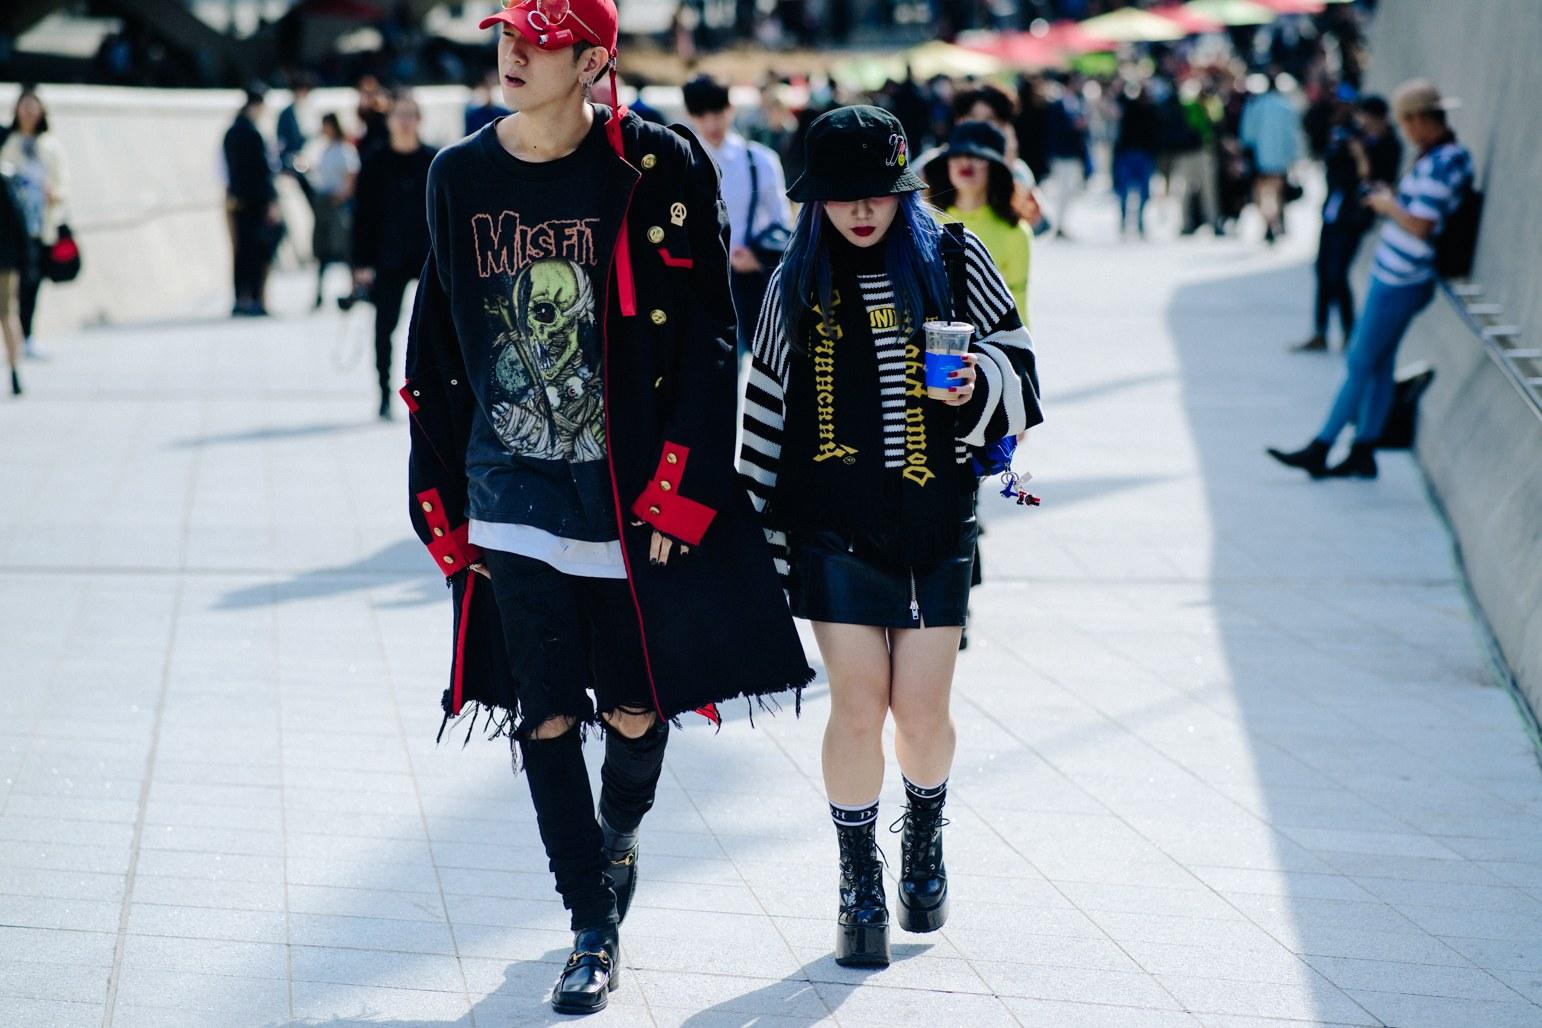 Seoul Fashion Week: Riêng về street style, giới trẻ Hàn nào có thua kém các ngôi sao nổi tiếng - Ảnh 9.